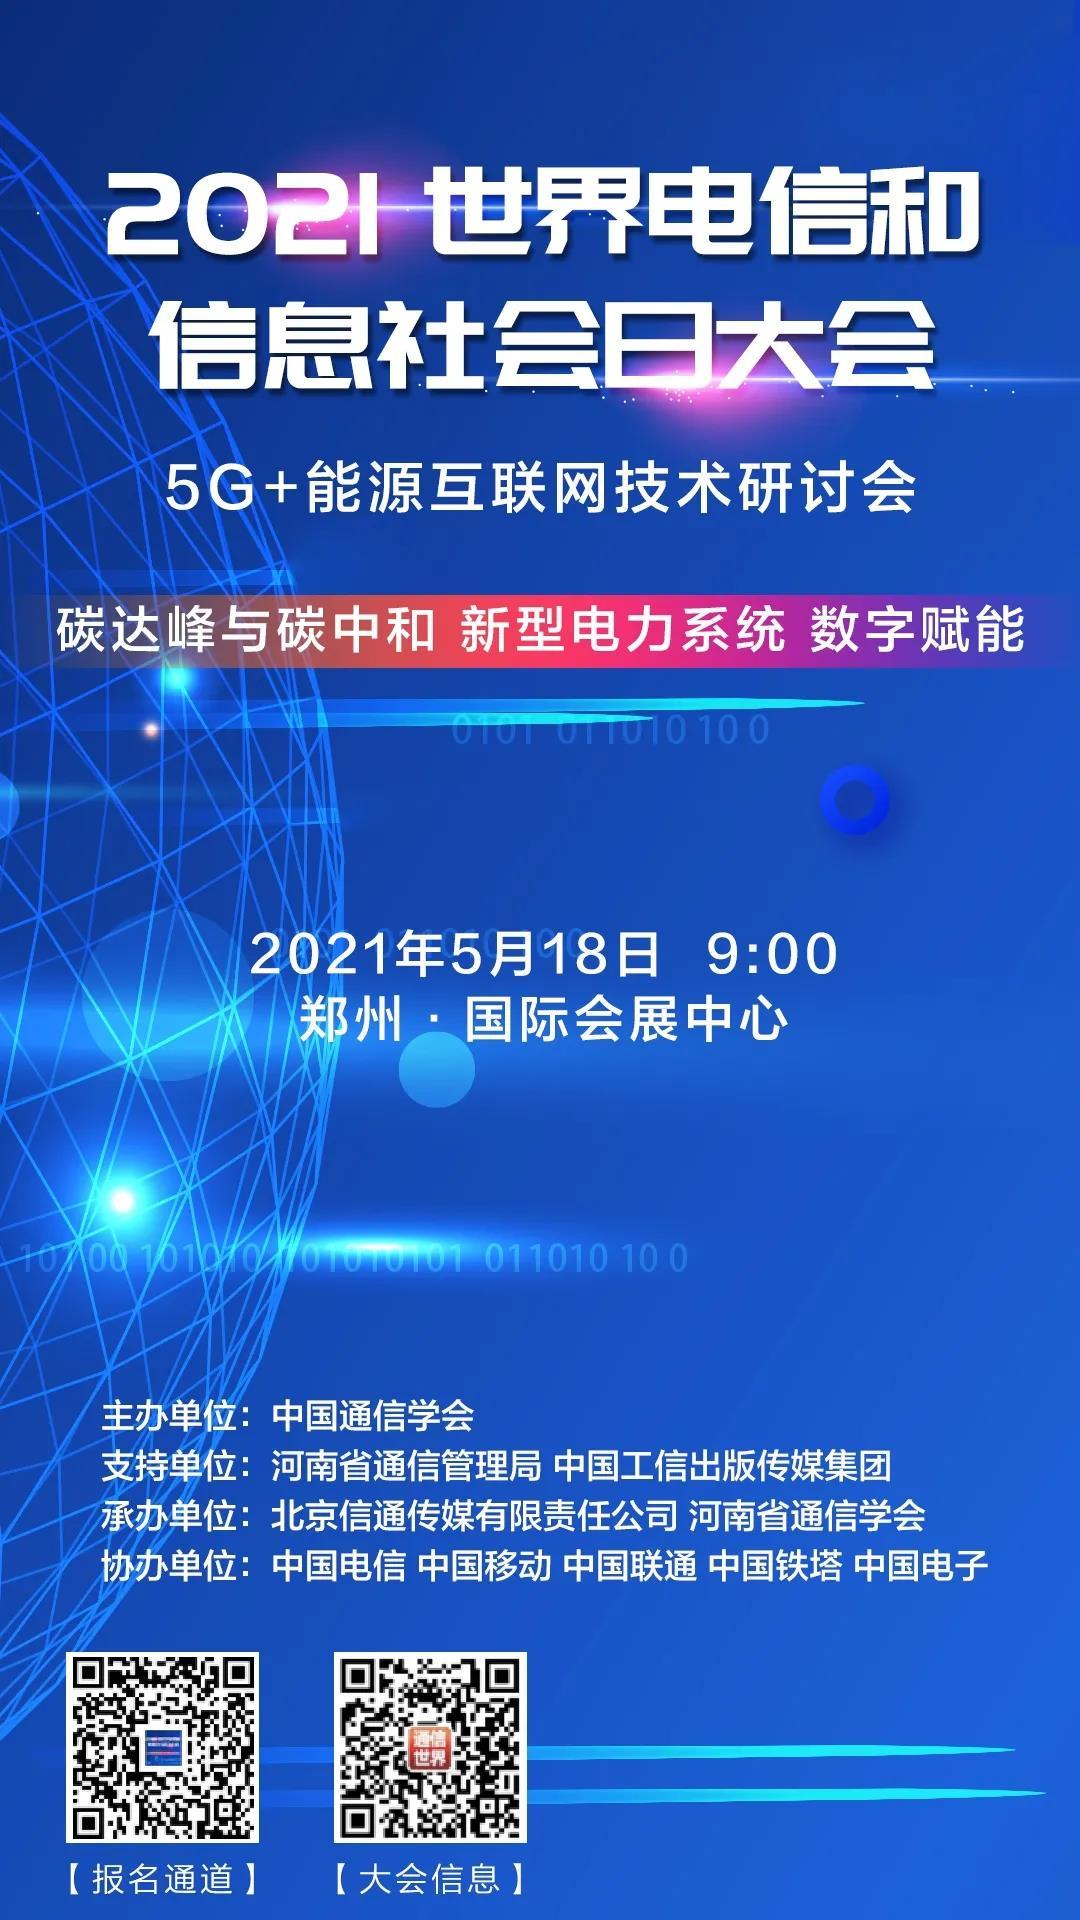 河南郑州举办的2021年世界电信日大会